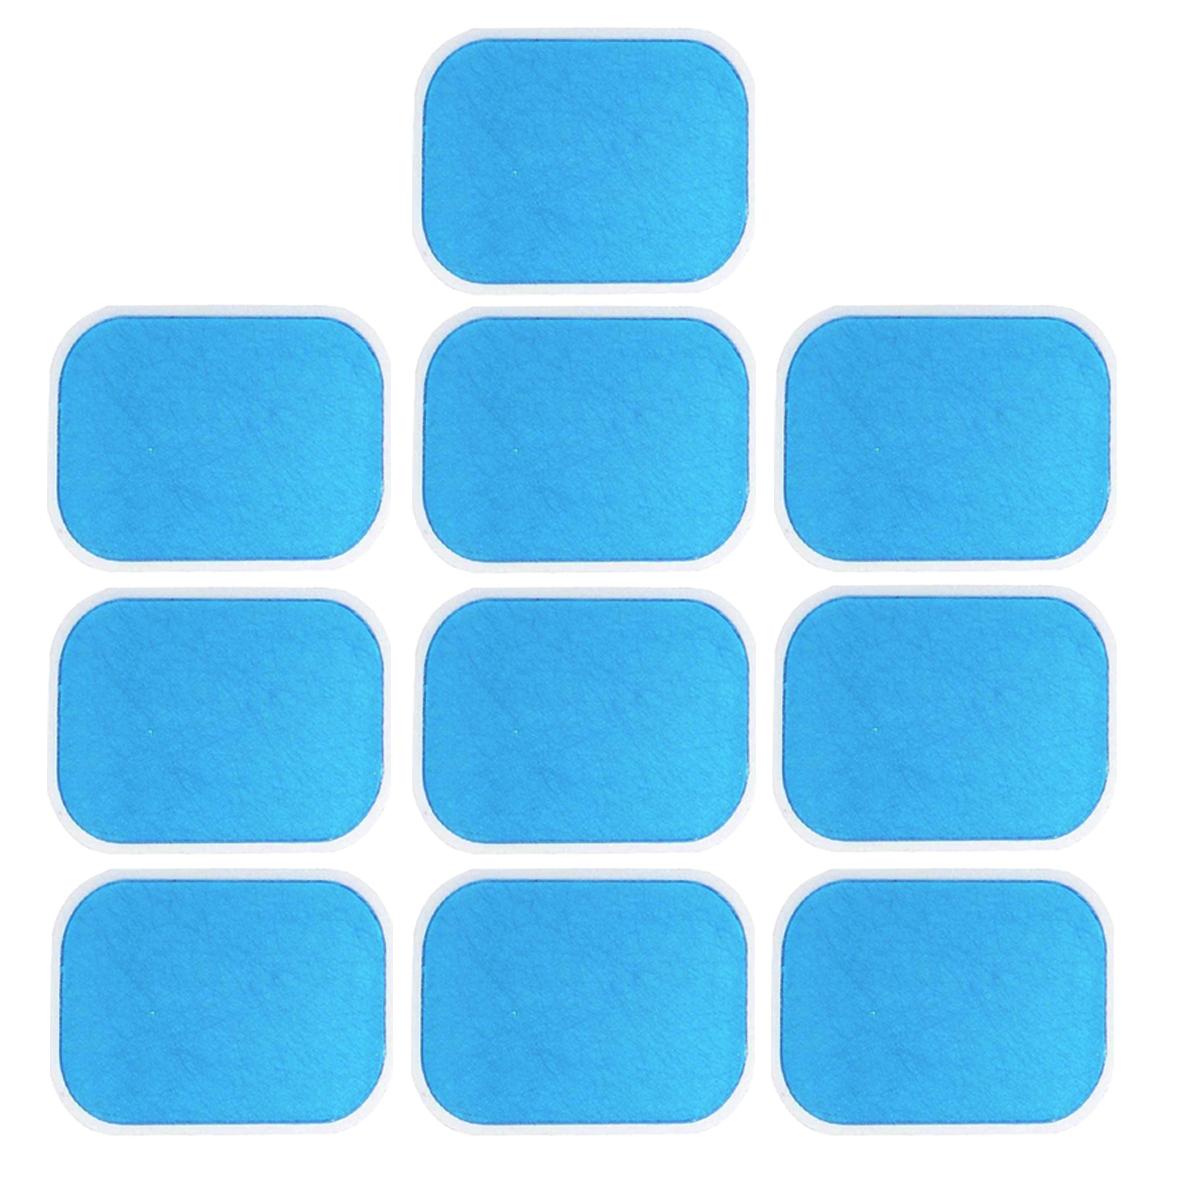 استیکر ژل ماساژور مدل Mobile-Gym مجموعه 5 عددی